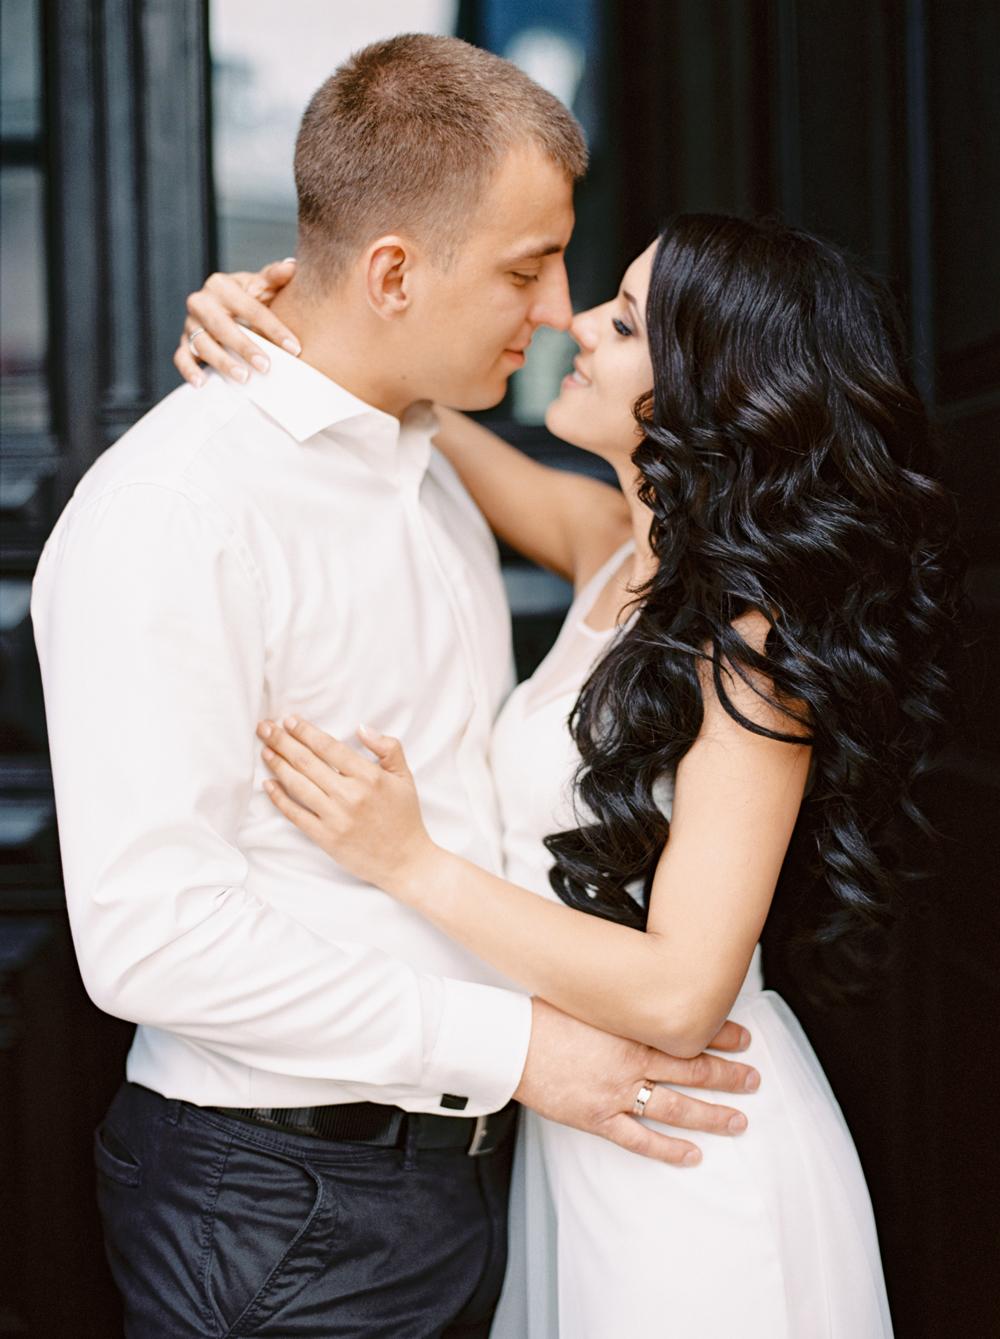 Свадебный фотограф на Кипре, Ларнака, Пафос, Лимасол, Айя-Напа